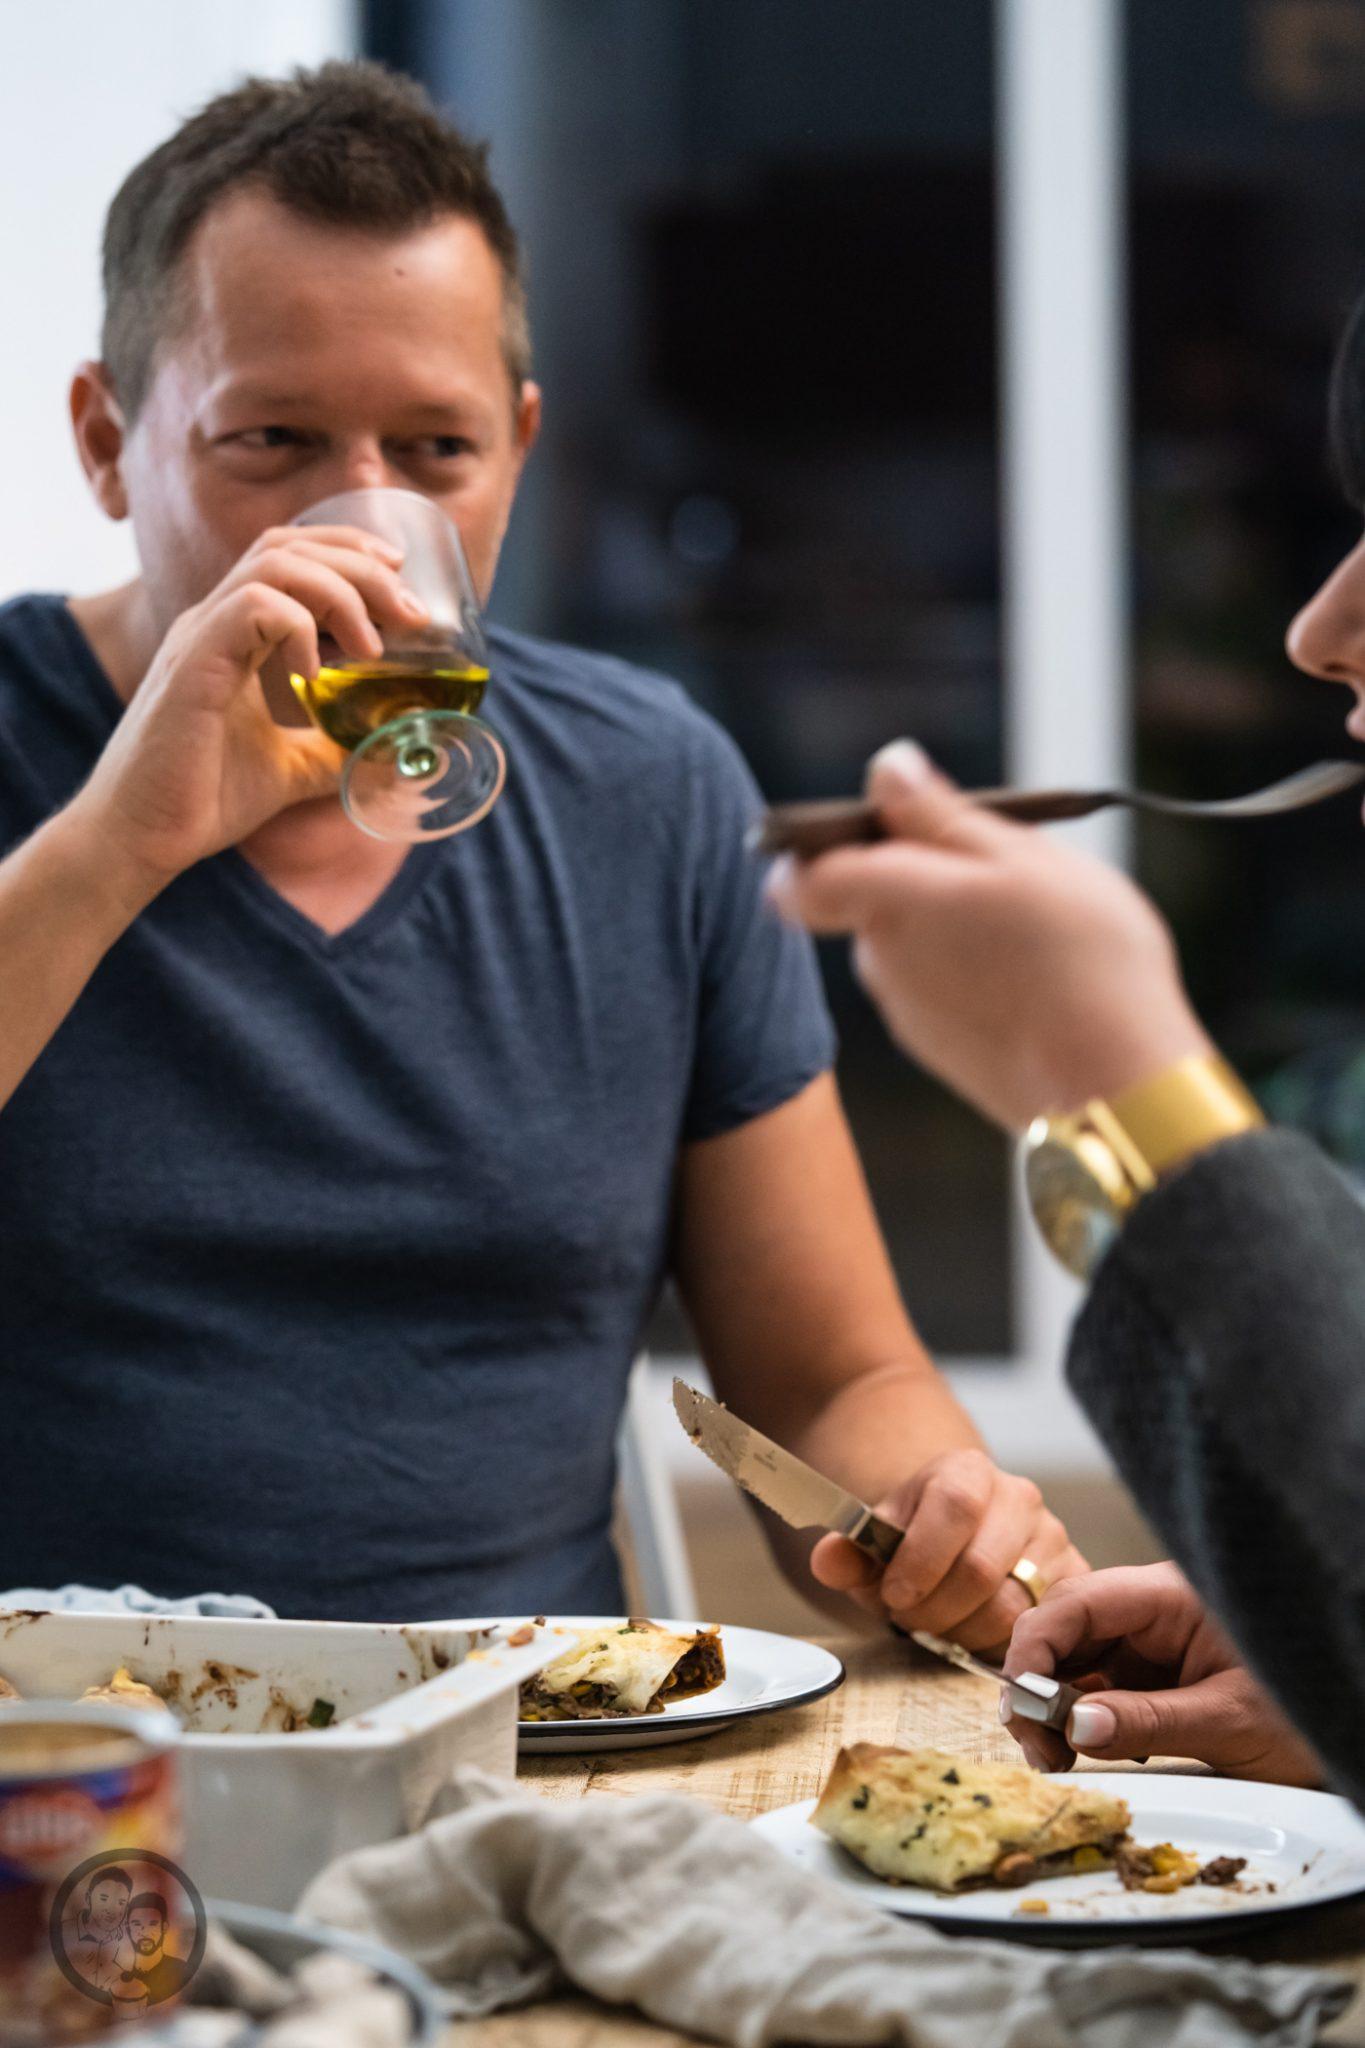 burrito %C3%BCltje 9 | Mittagessen, Partyfood oder ein Snack für zwischendurch. Das Rezept, das wir euch heute mitgebracht haben, ist sowas von vielfältig einsatzbereit, dass wir noch mehr aufzählen könnten. Burritos mit Rindfleischmole und ültje Erdnüssen ist eines dieser Rezepte, das wir aus mehreren Gründen lieben. Warum?